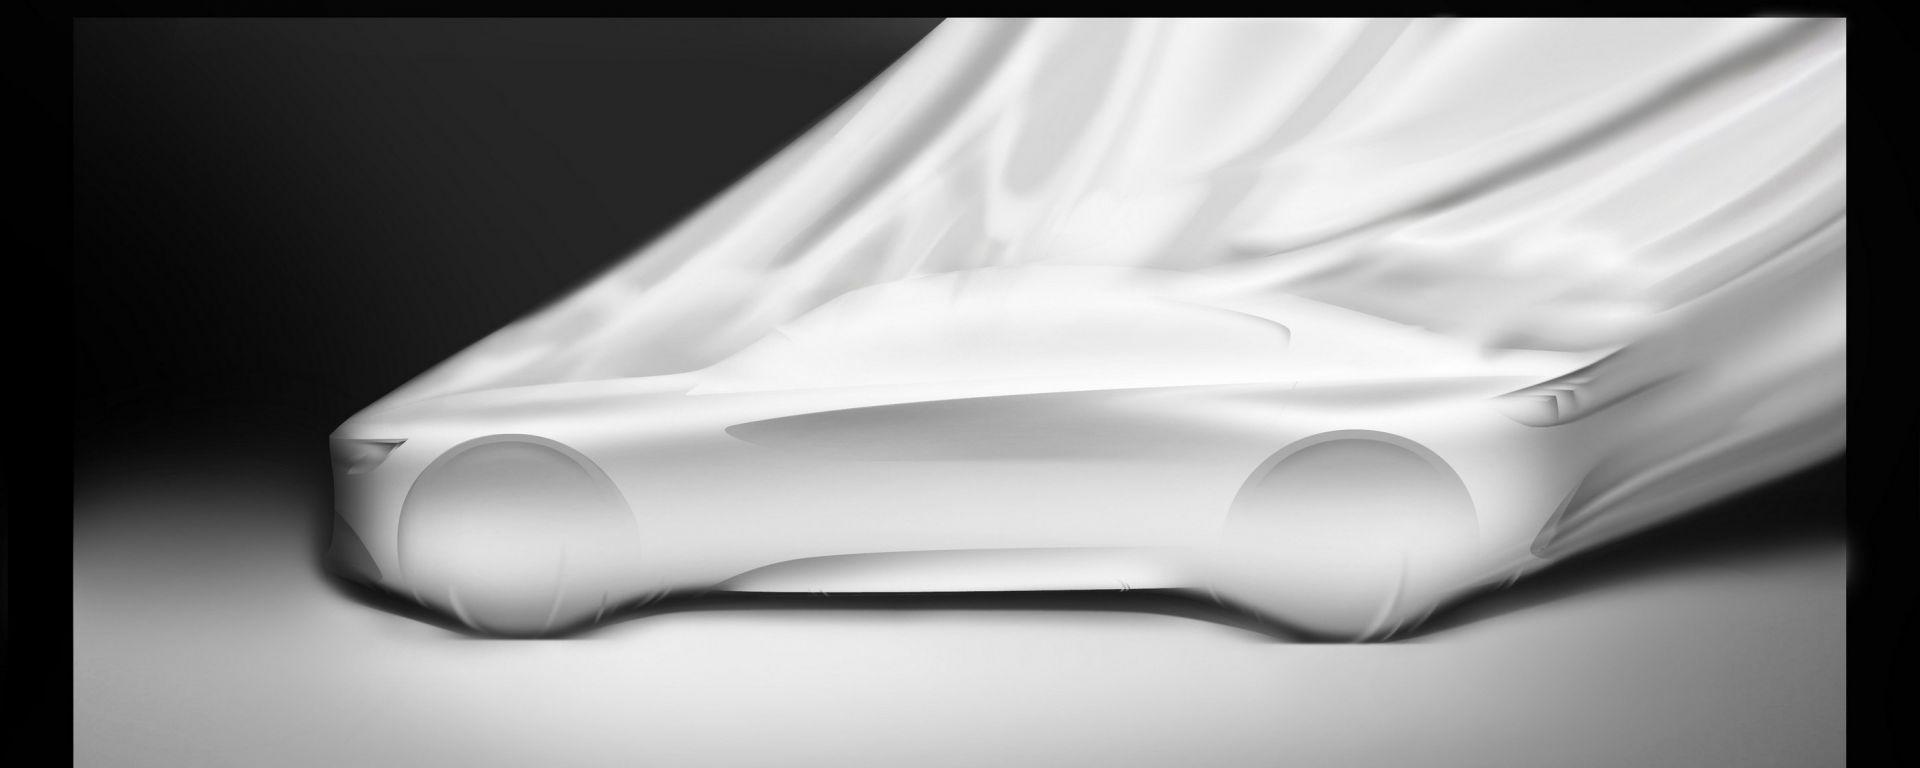 Peugeot: una nuova concept per Pechino